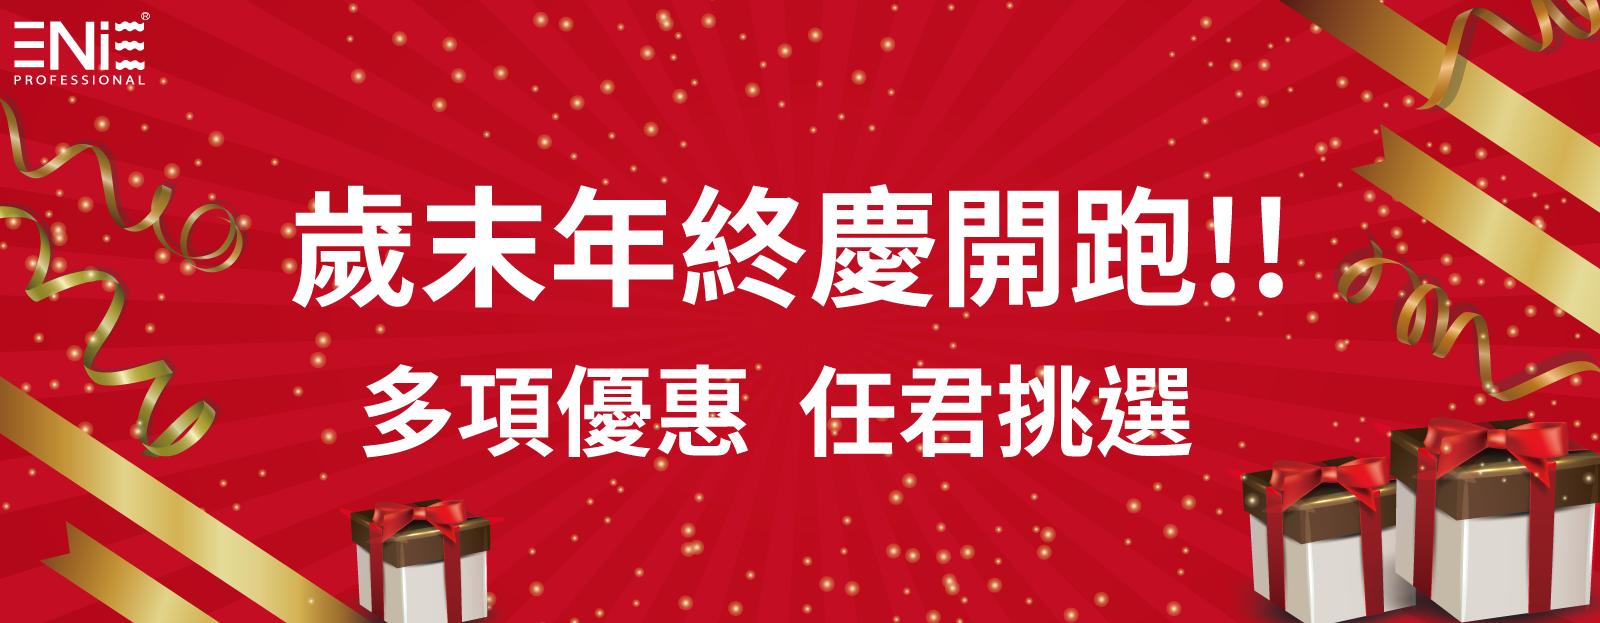 2019-年終優惠活動開跑.png (338 KB)